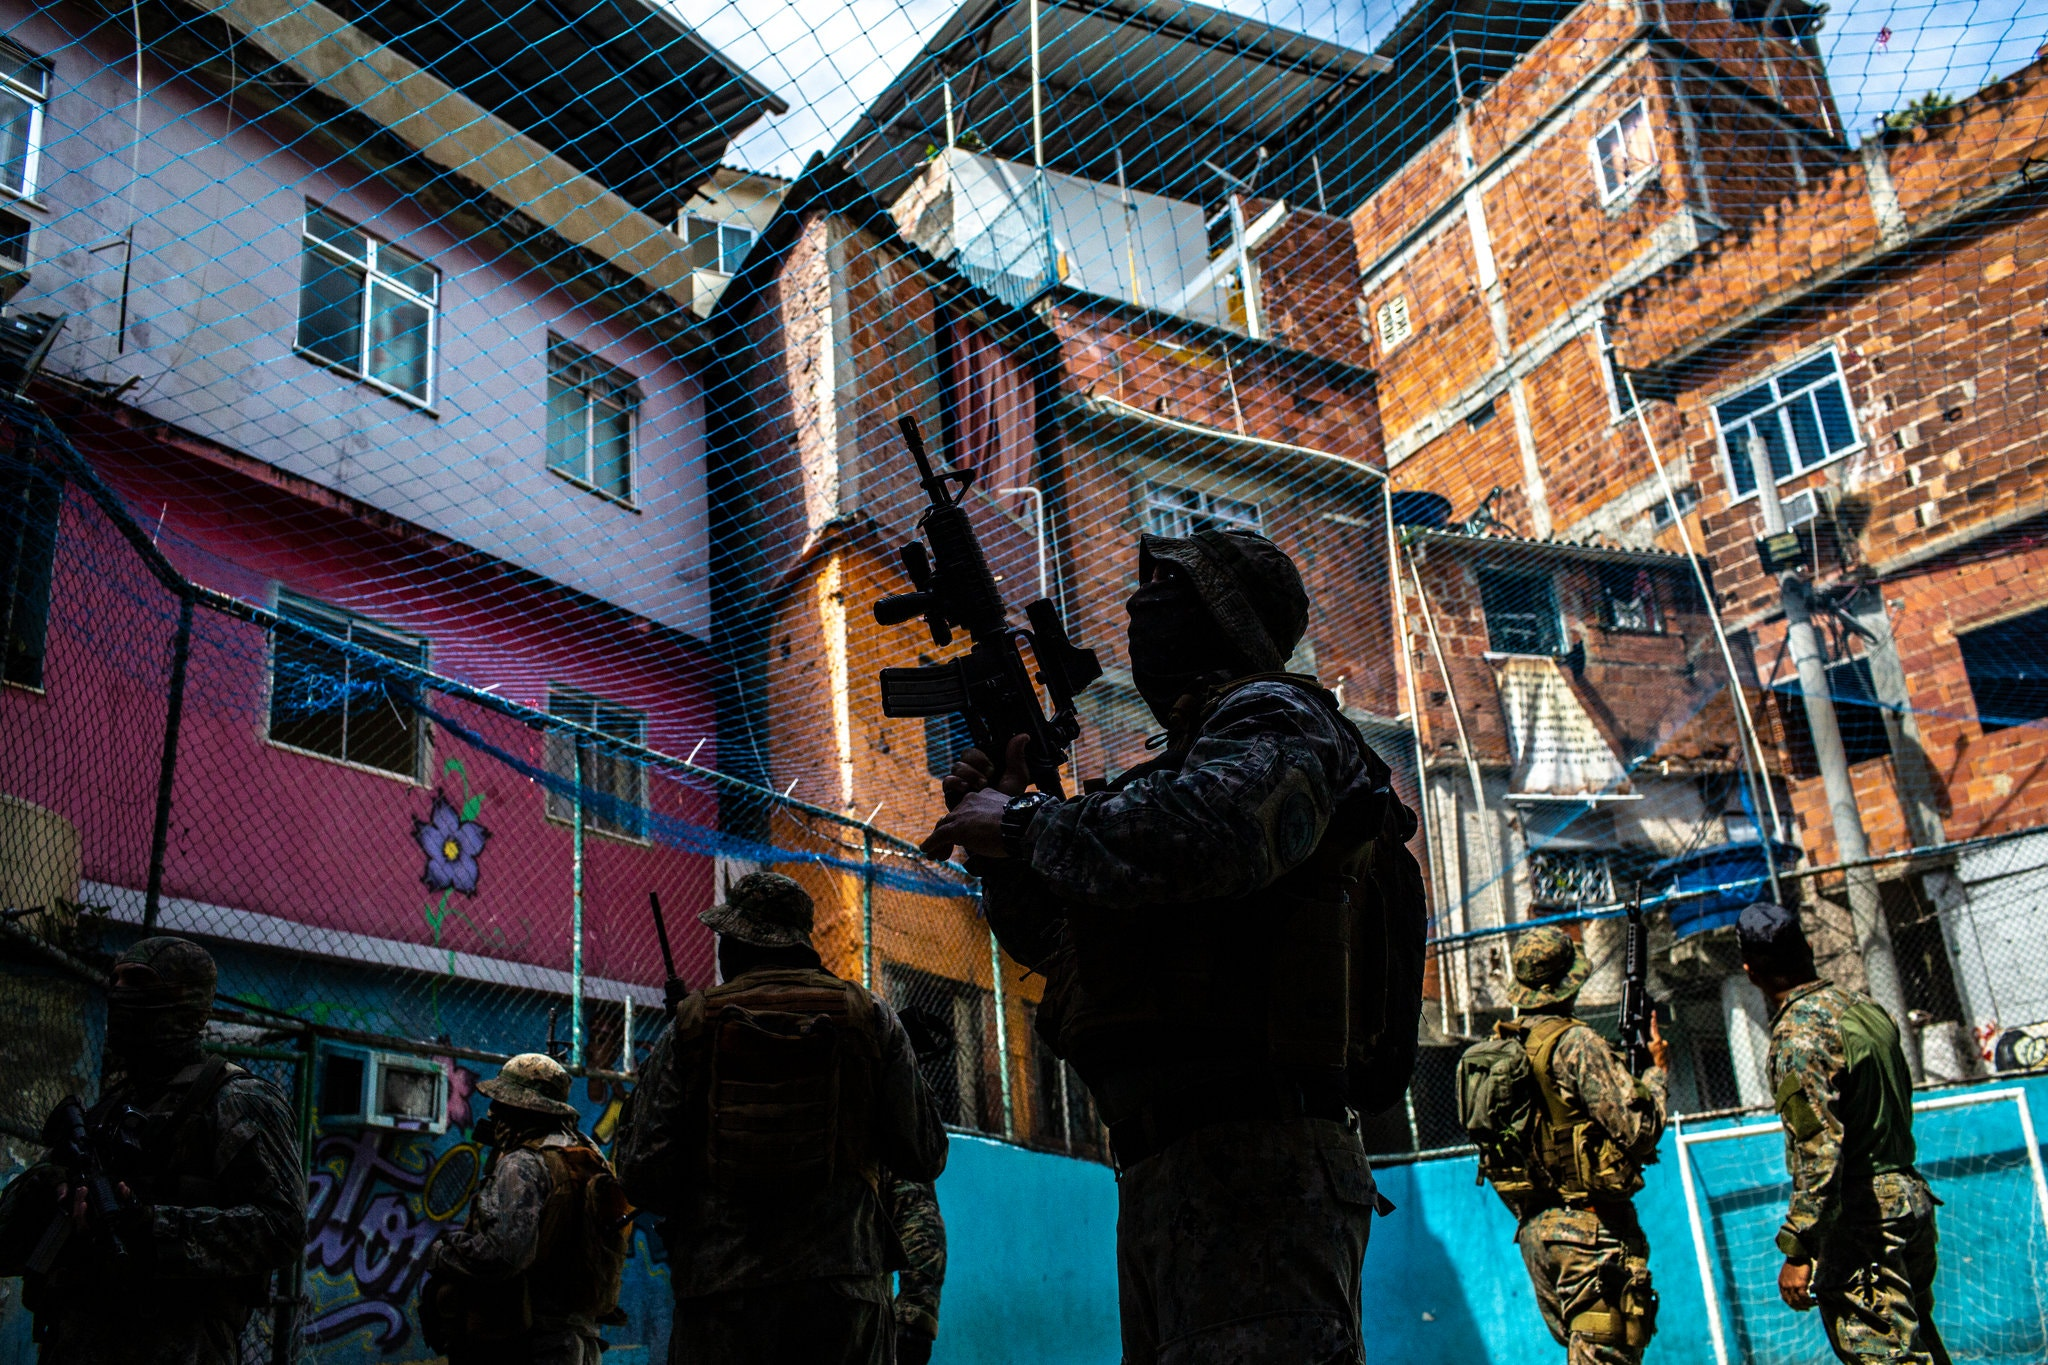 Polícia de operações especiais em uma favela no Rio de Janeiro (Foto: Dado Galdieri)